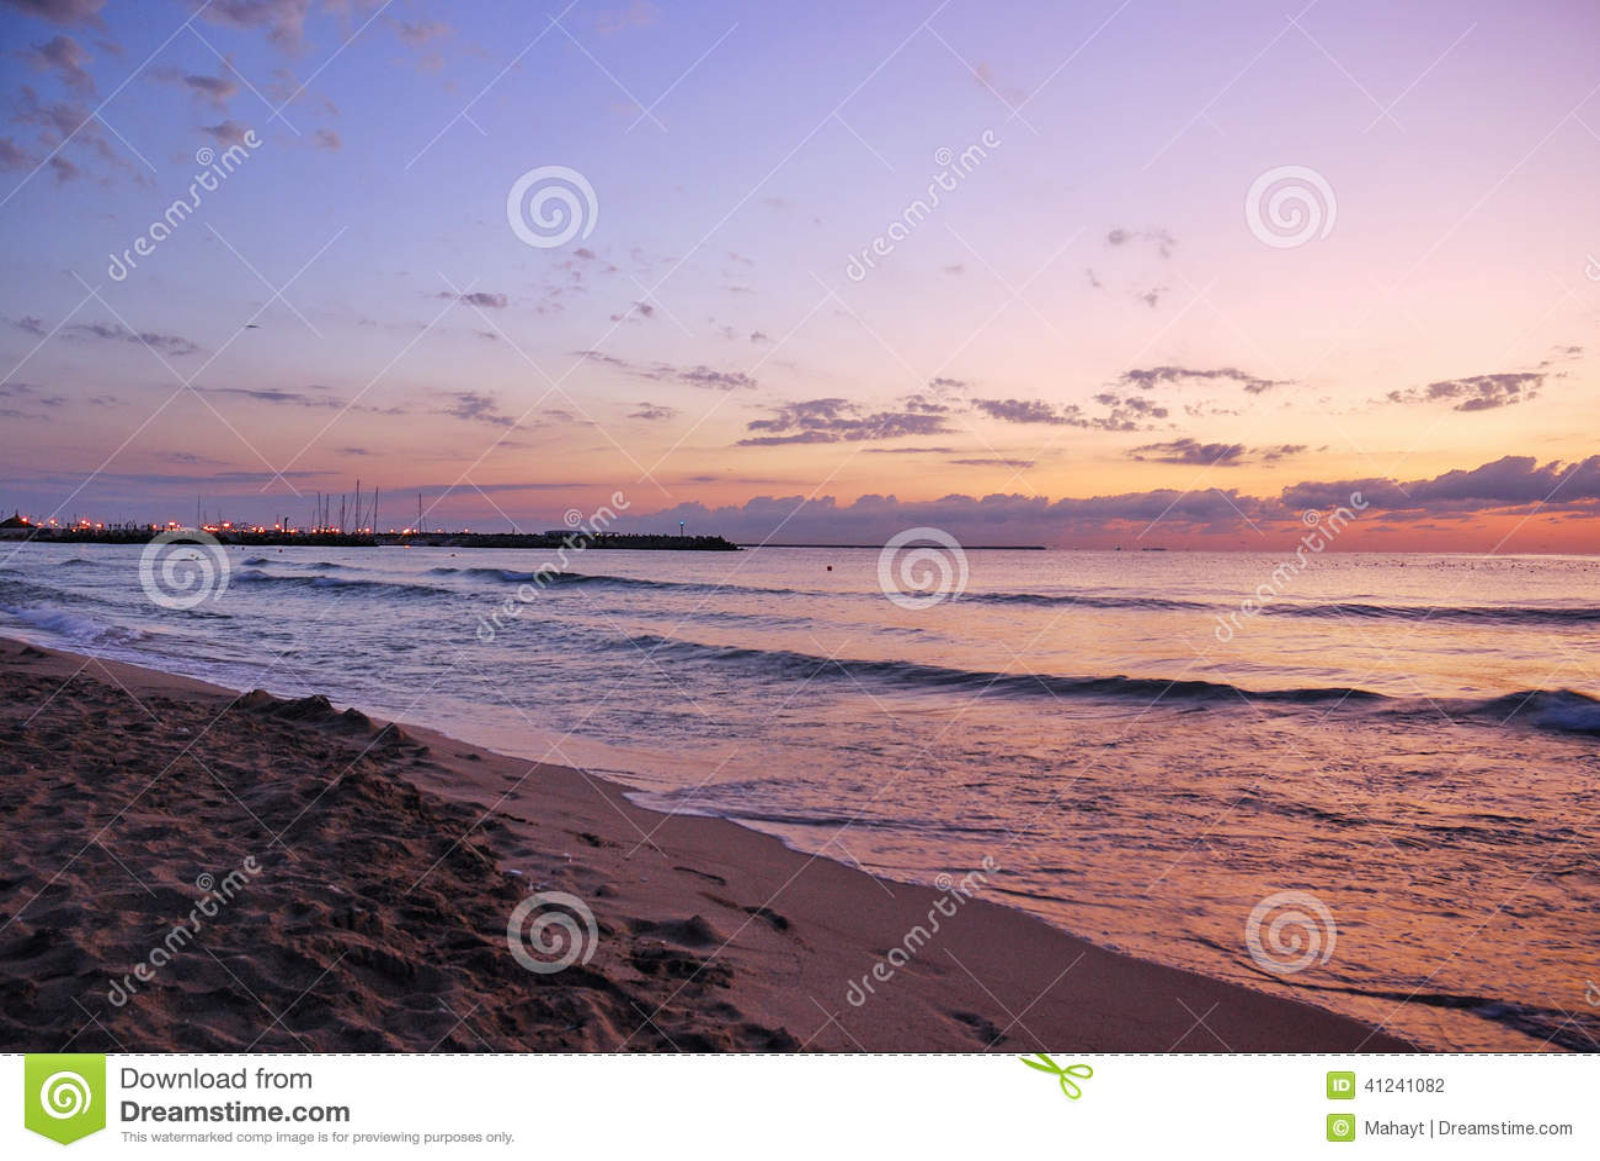 Ζαλίζοντας δονούμενη χρυσή ανατολή στην παραλία άμμου Πορτοκαλί χρώμα ανατολής